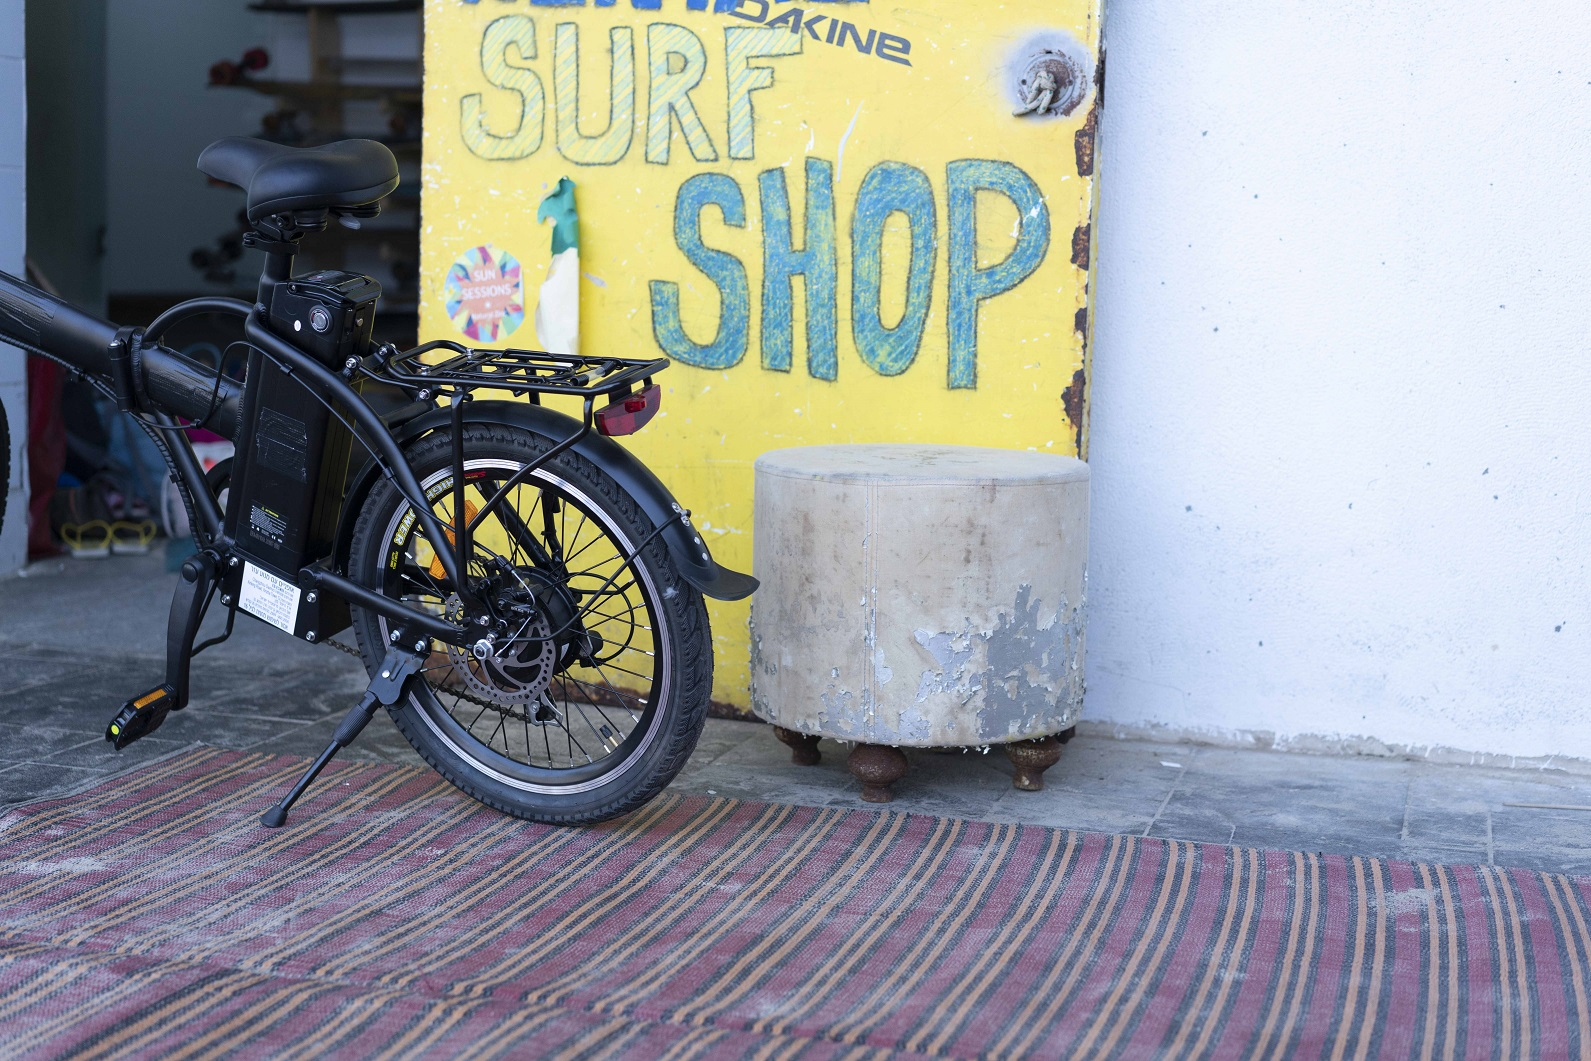 לקנות אופניים חשמליות זה קל - אבל מה עם השירות ביום שאחרי?